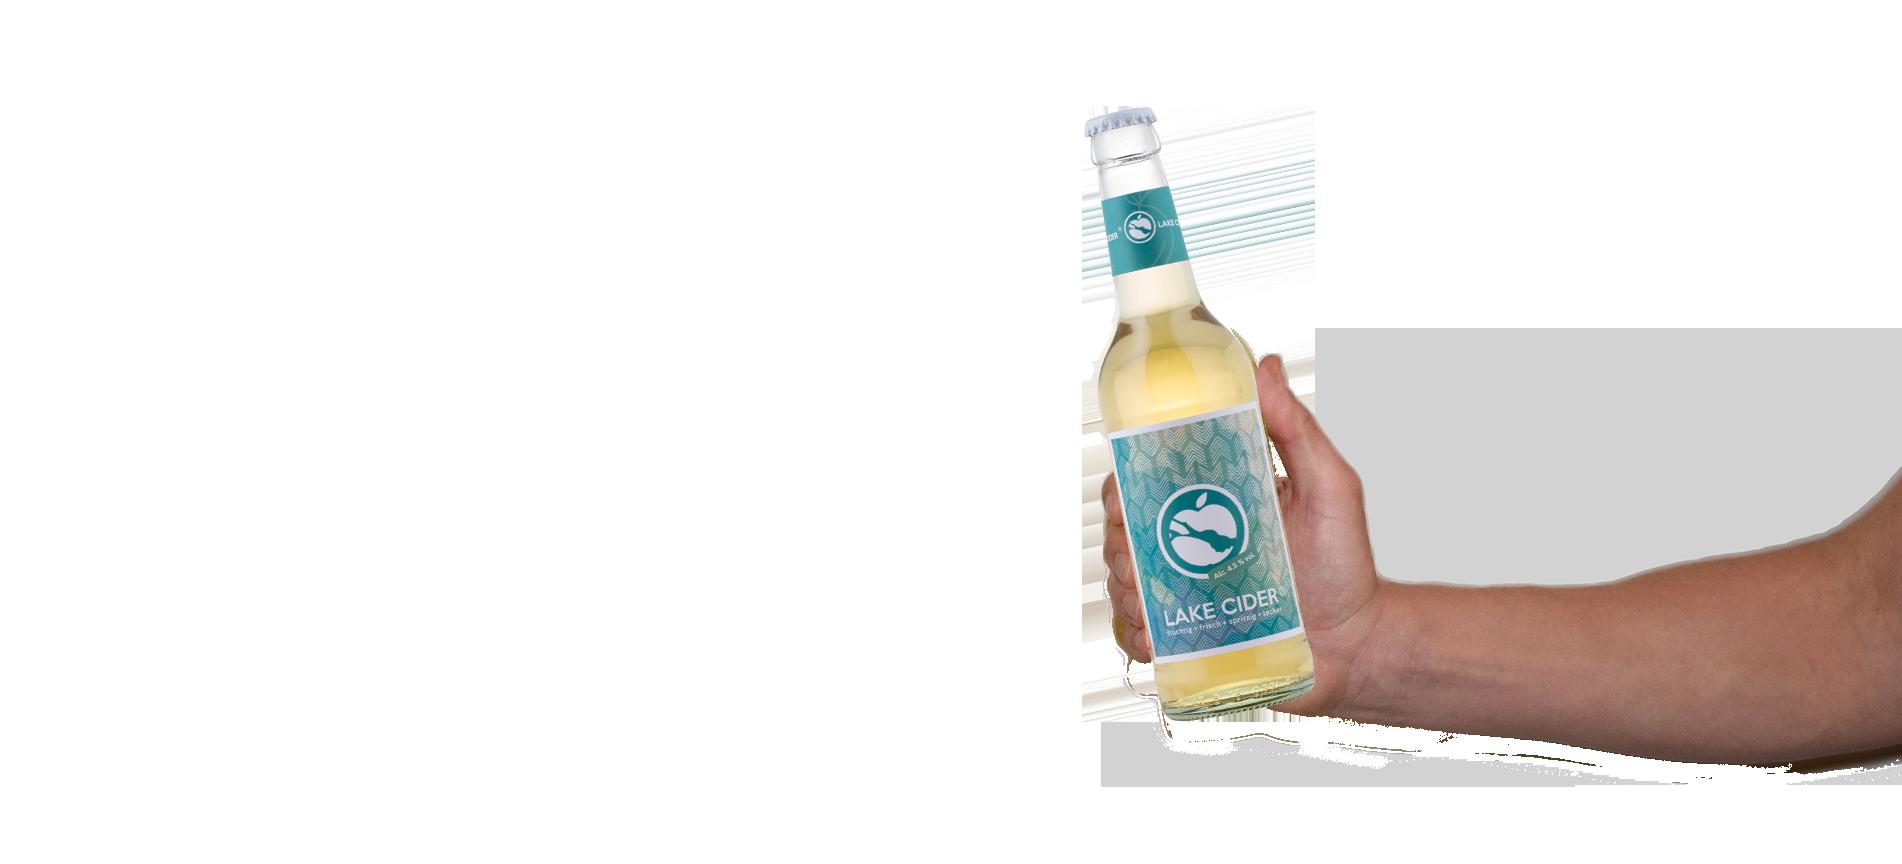 Seemost-Kellerei-Lake-Cider-Weishaupt